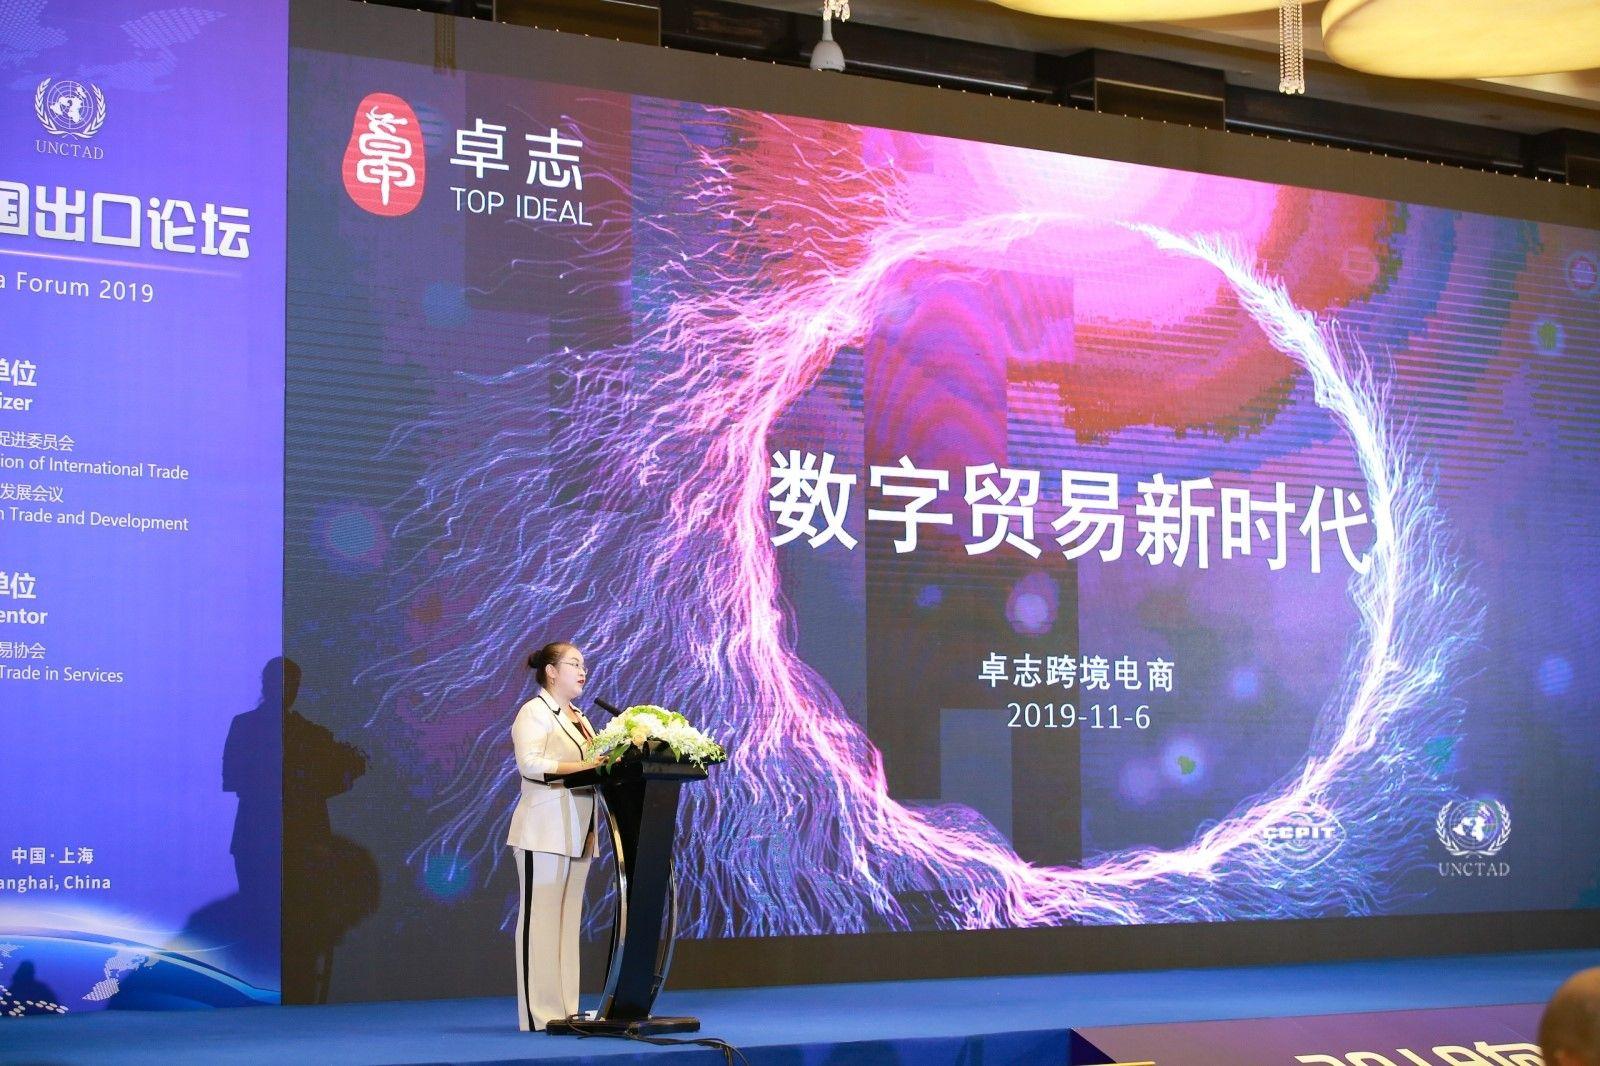 数字贸易新时代,探索跨境电商新机遇